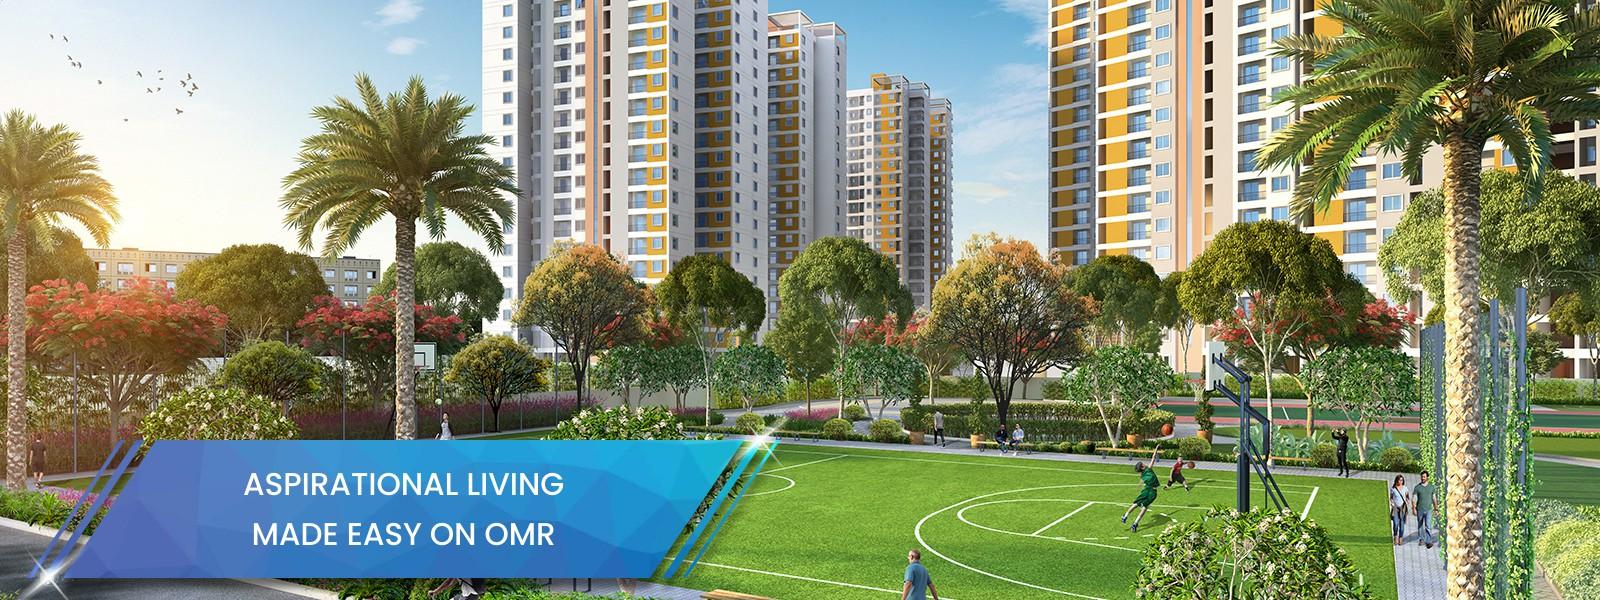 Apartments in OMR Padur